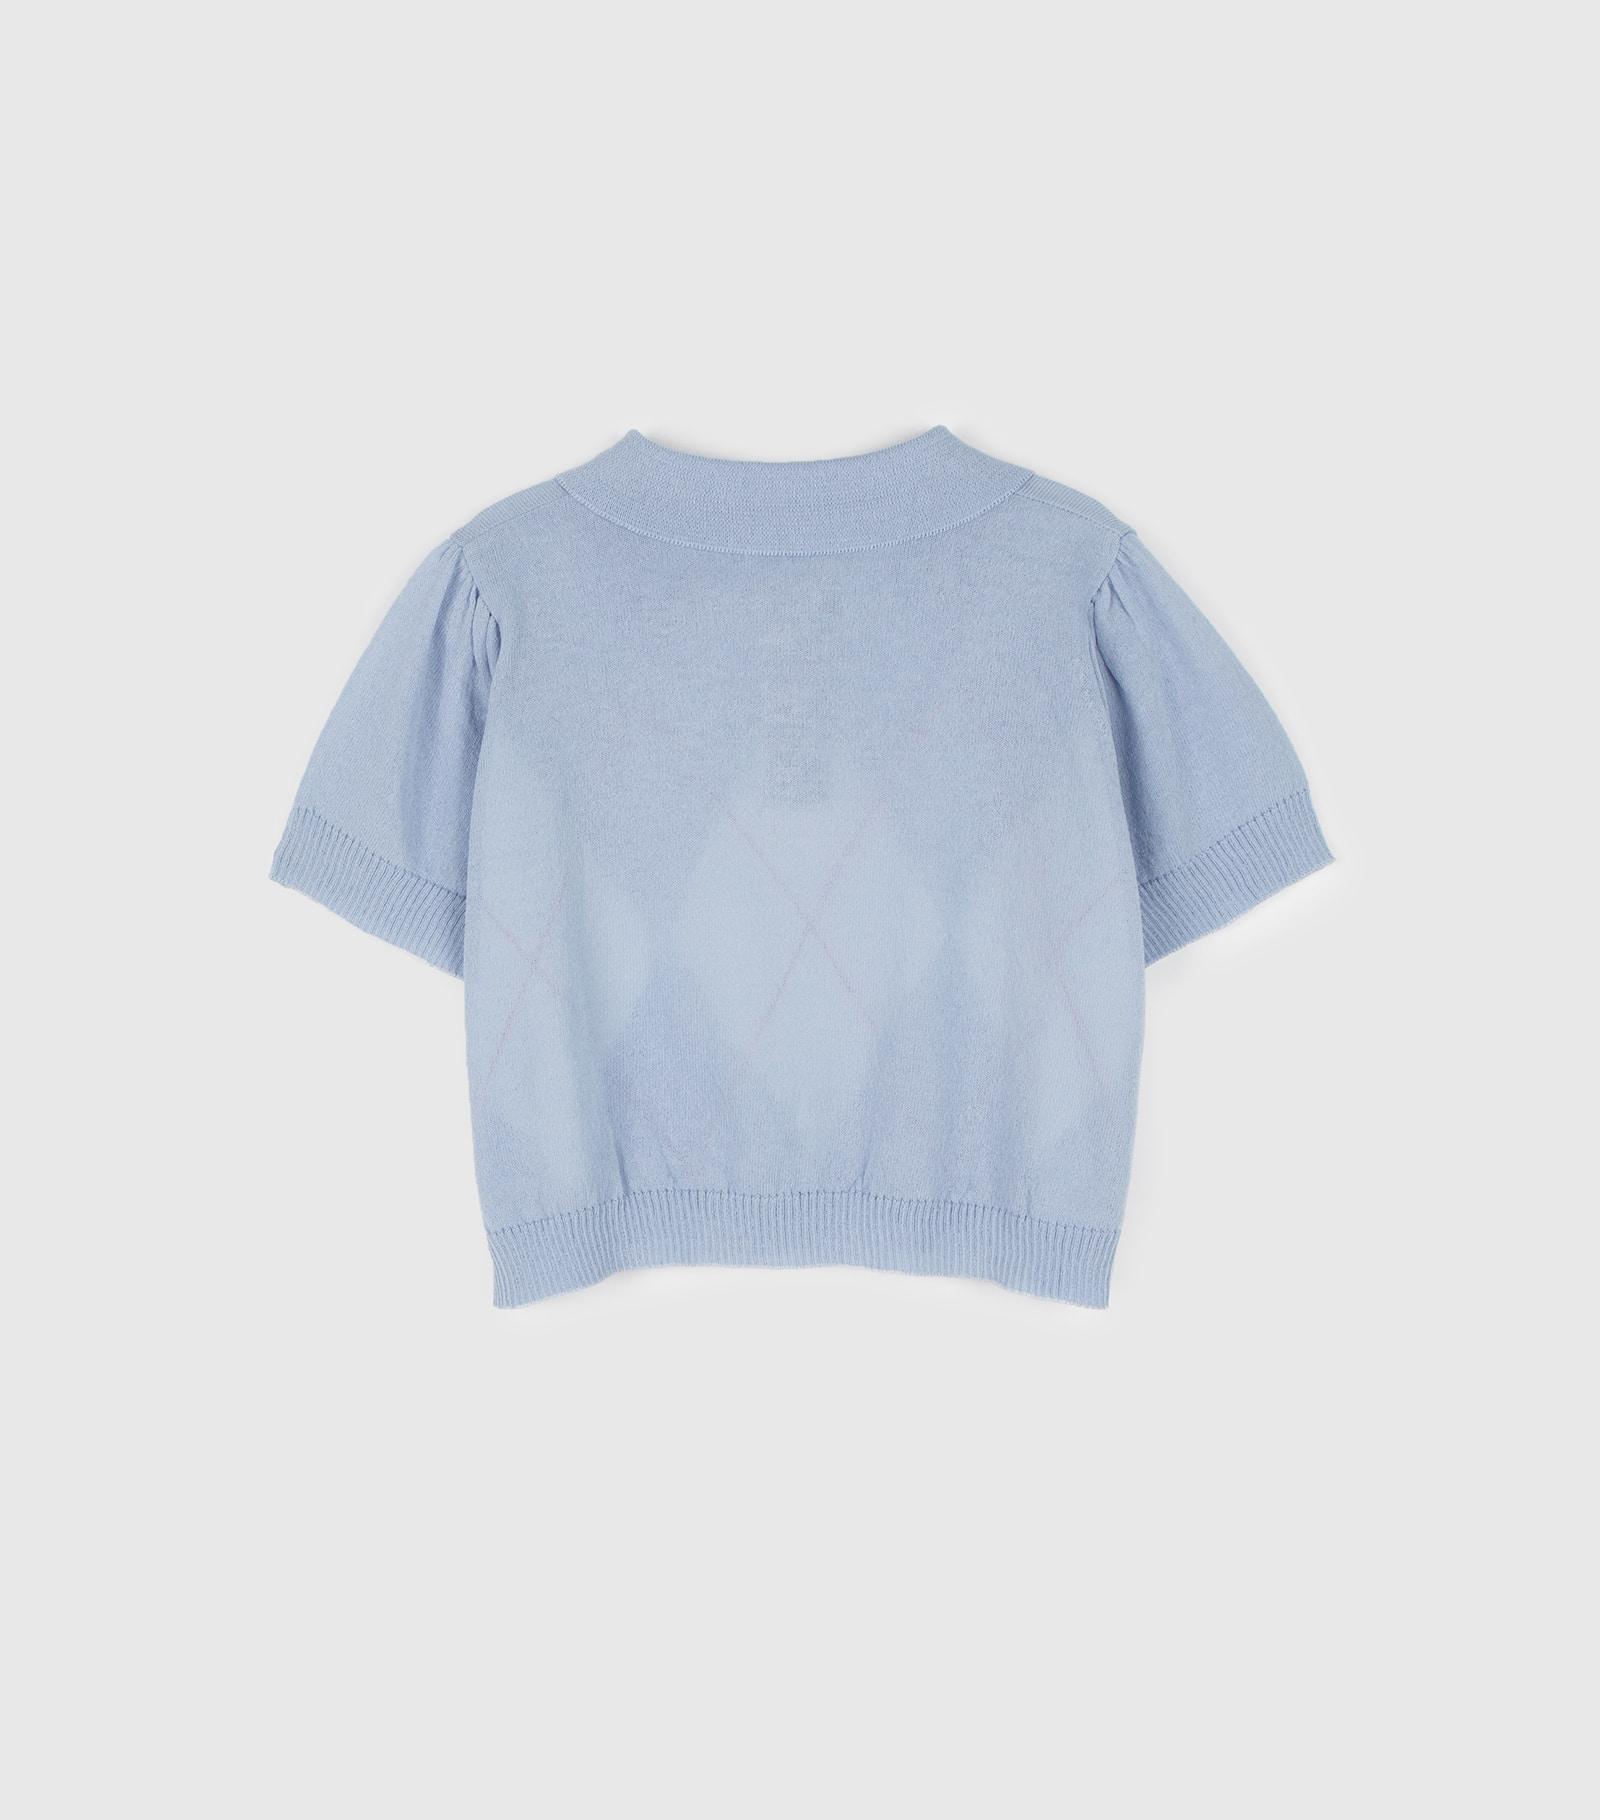 Vivid argyle collar neck knit